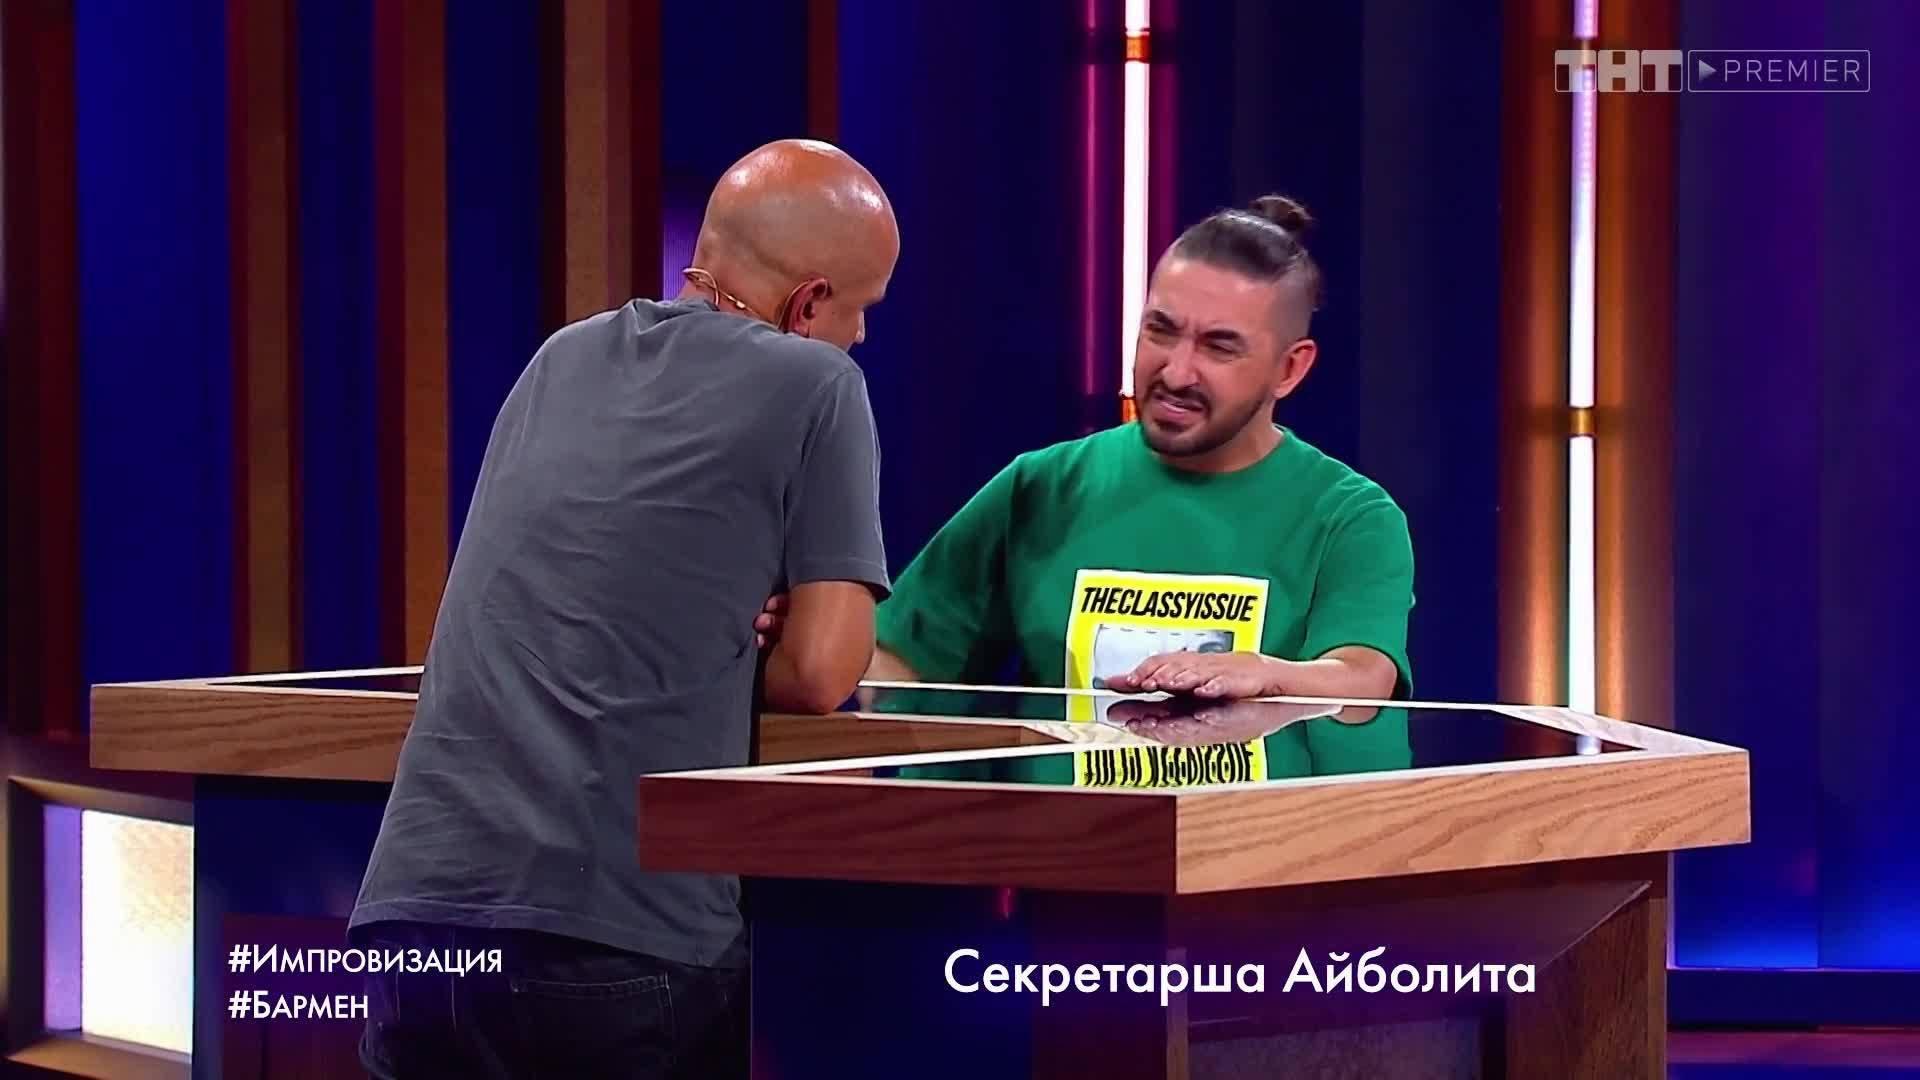 Импровизация — s04e26 — Выпуск 103. Егор Дружинин